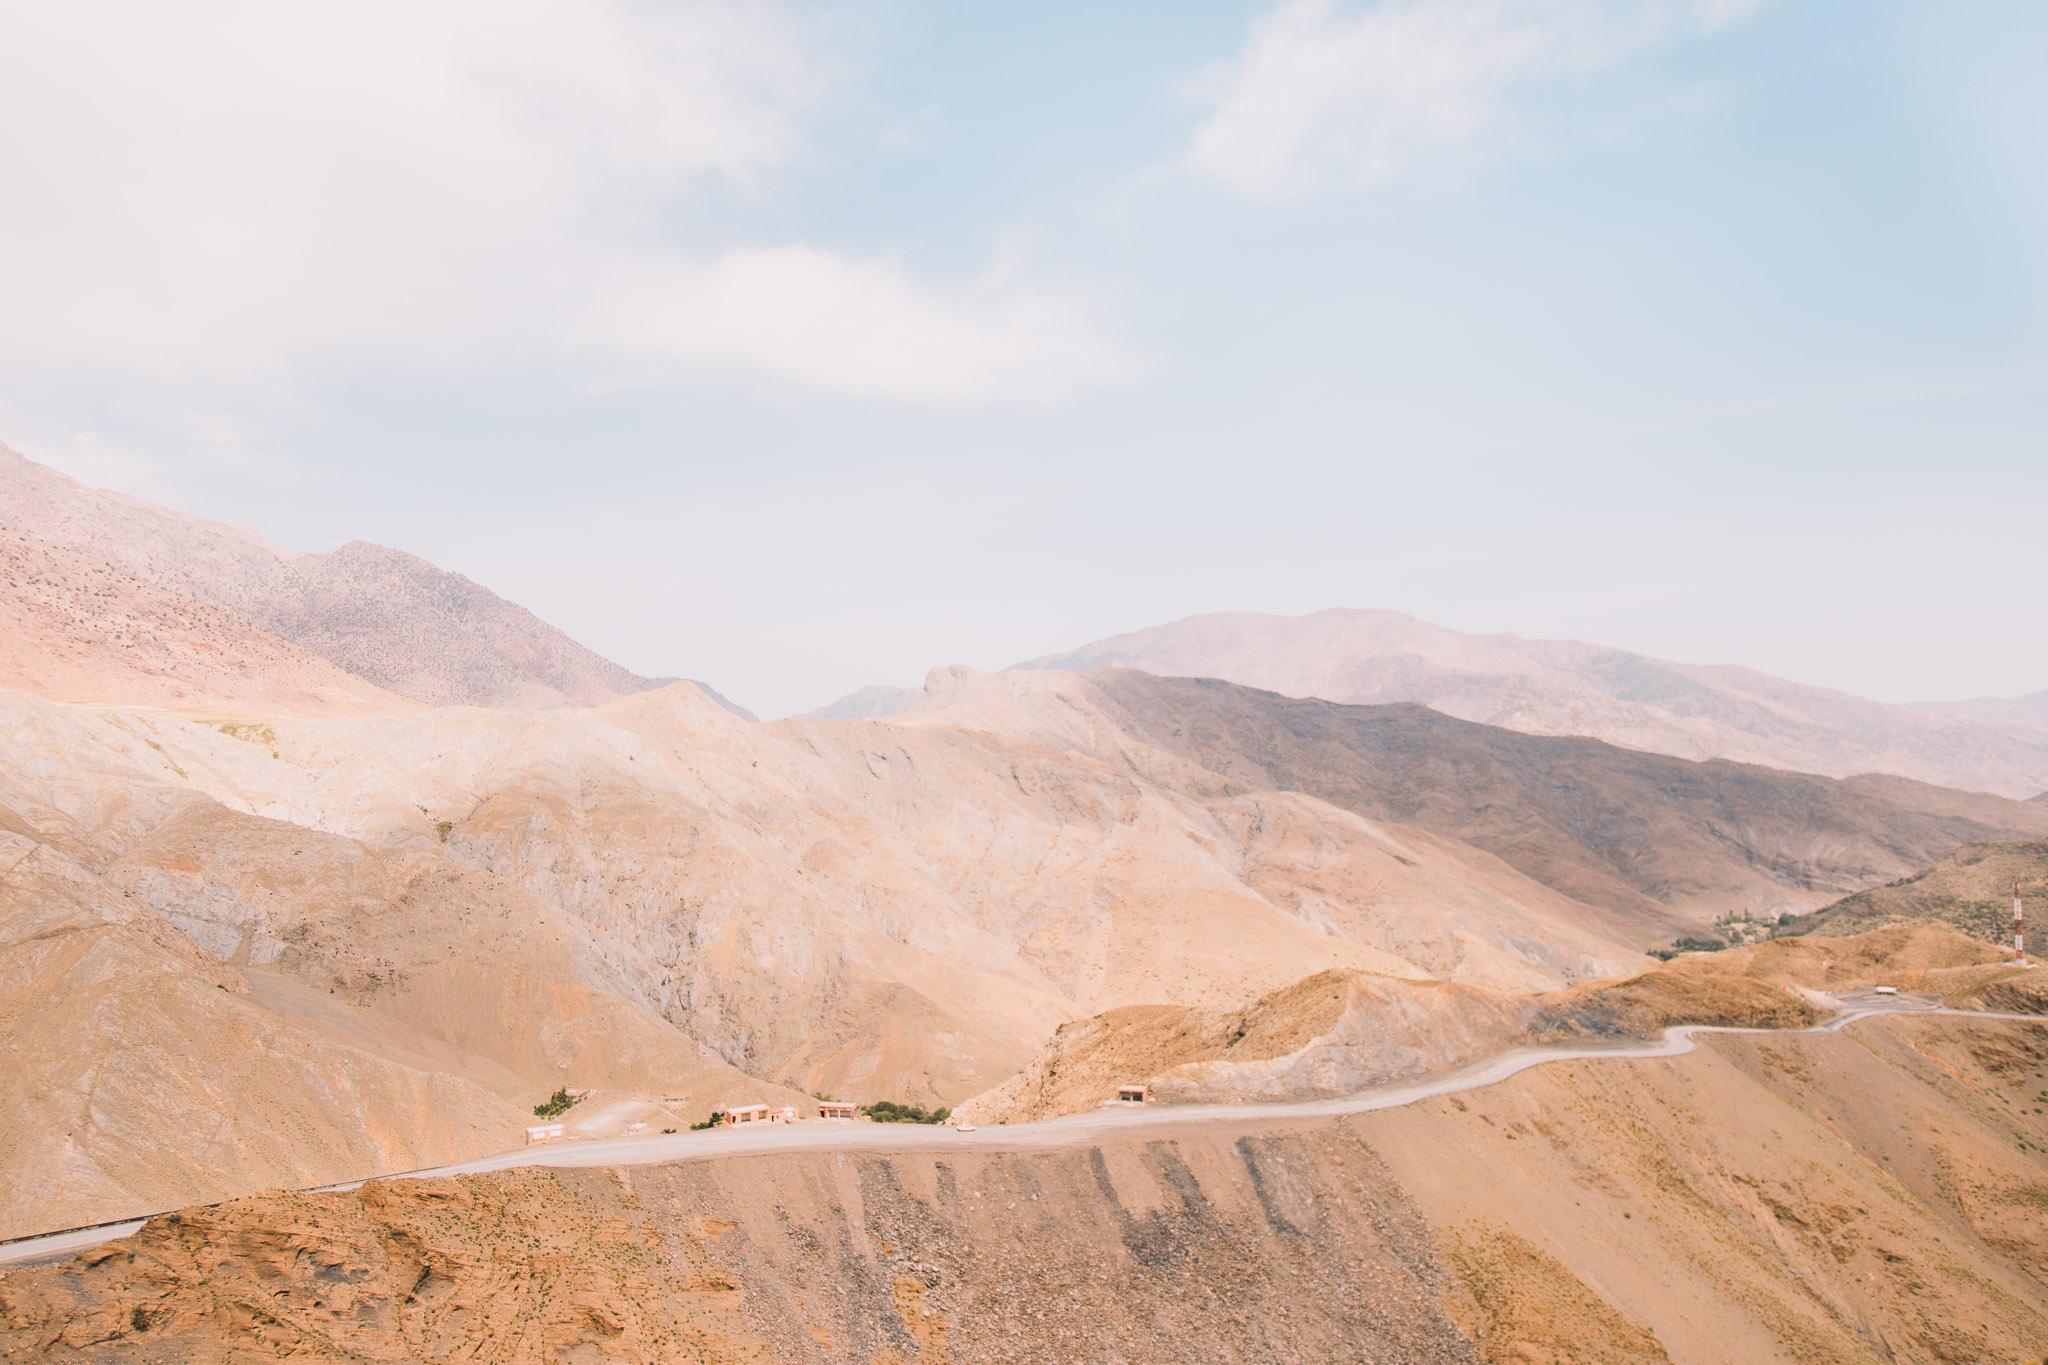 morocco-high-atlas-mountains-10.jpg